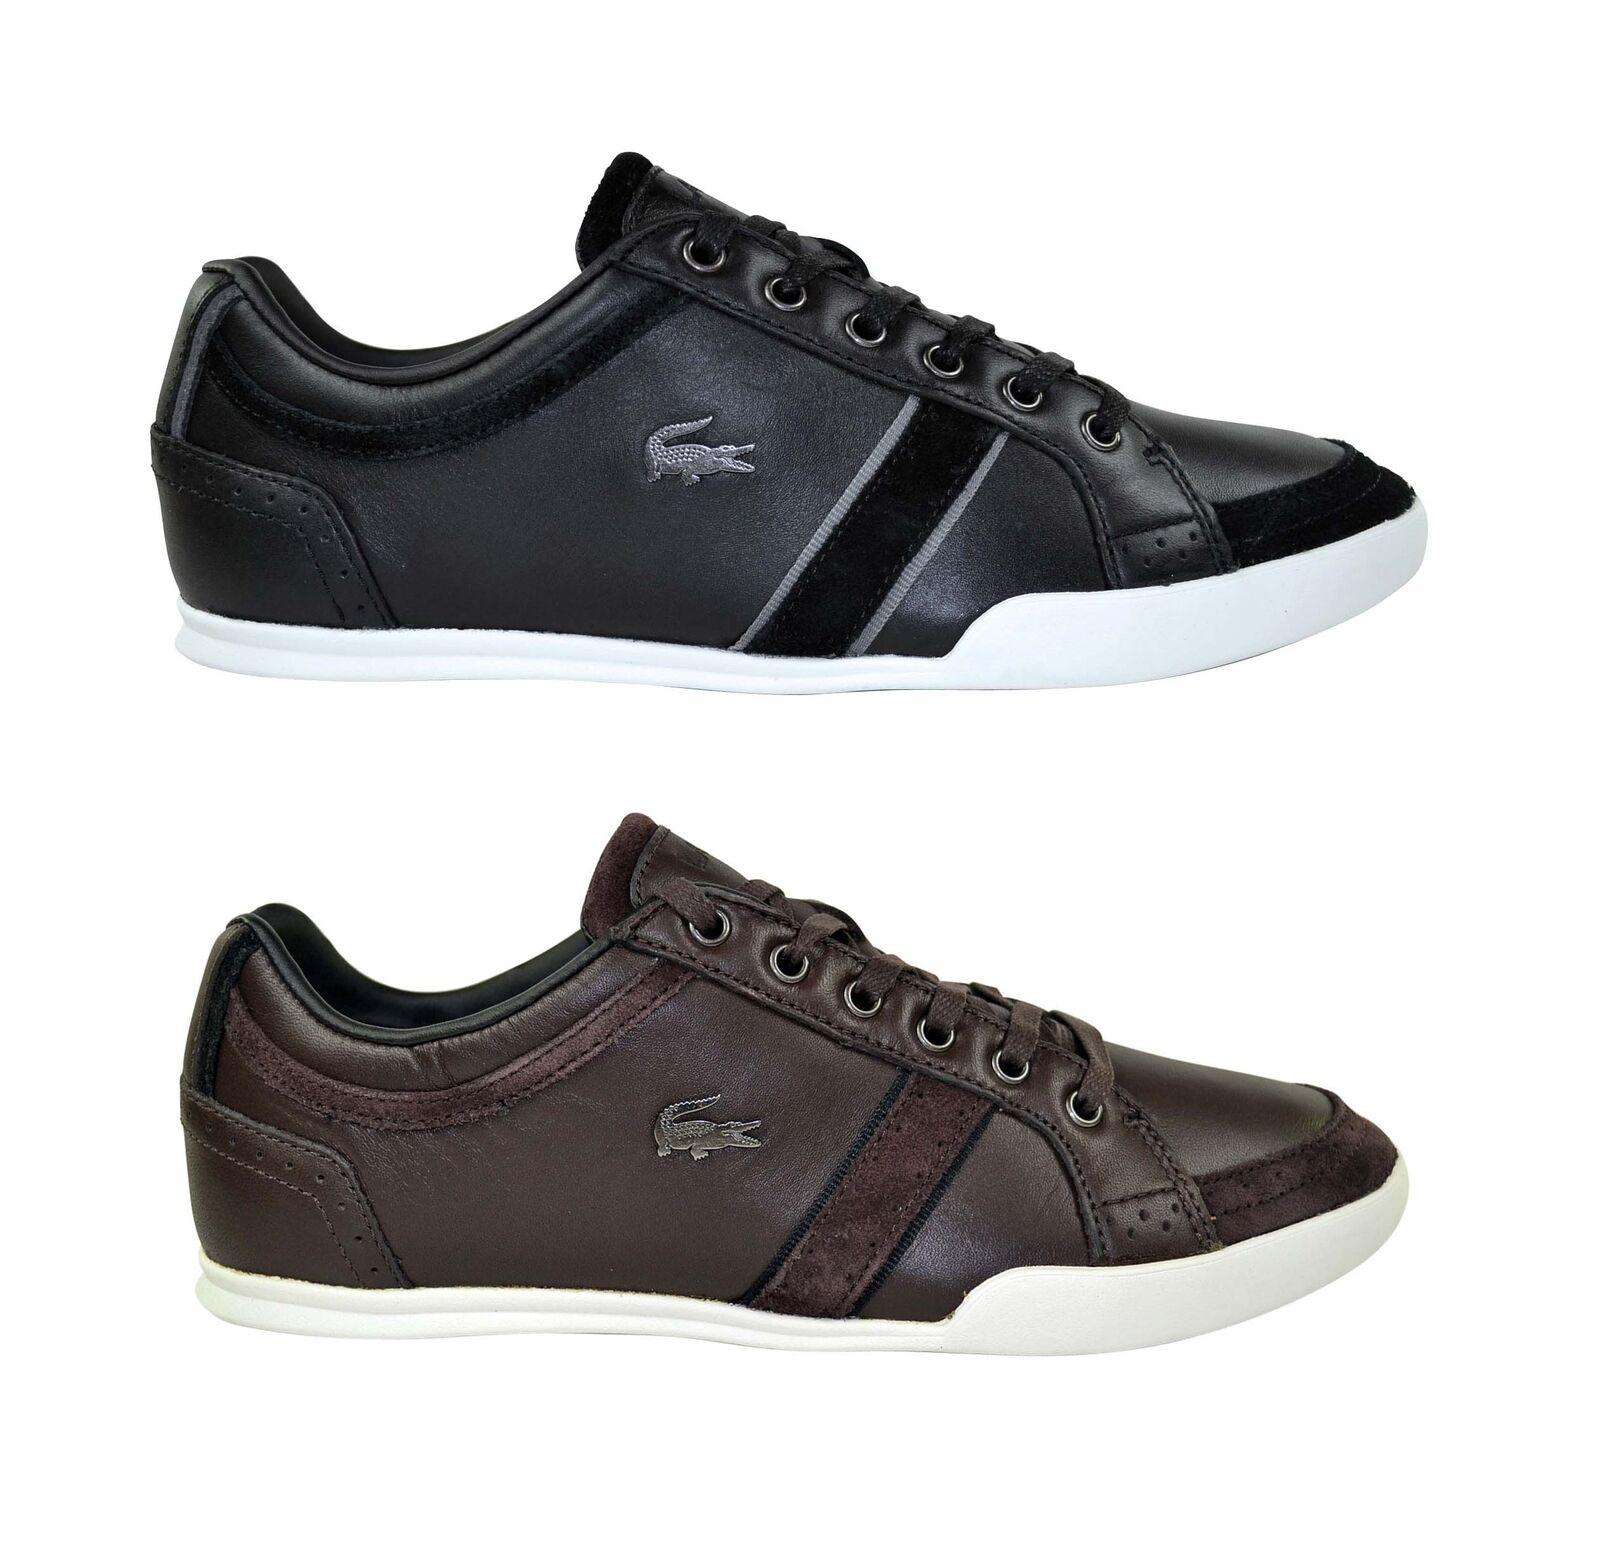 Lacoste Rayford Brogue SRM black dark brown Schuhe schwarz braun Sale